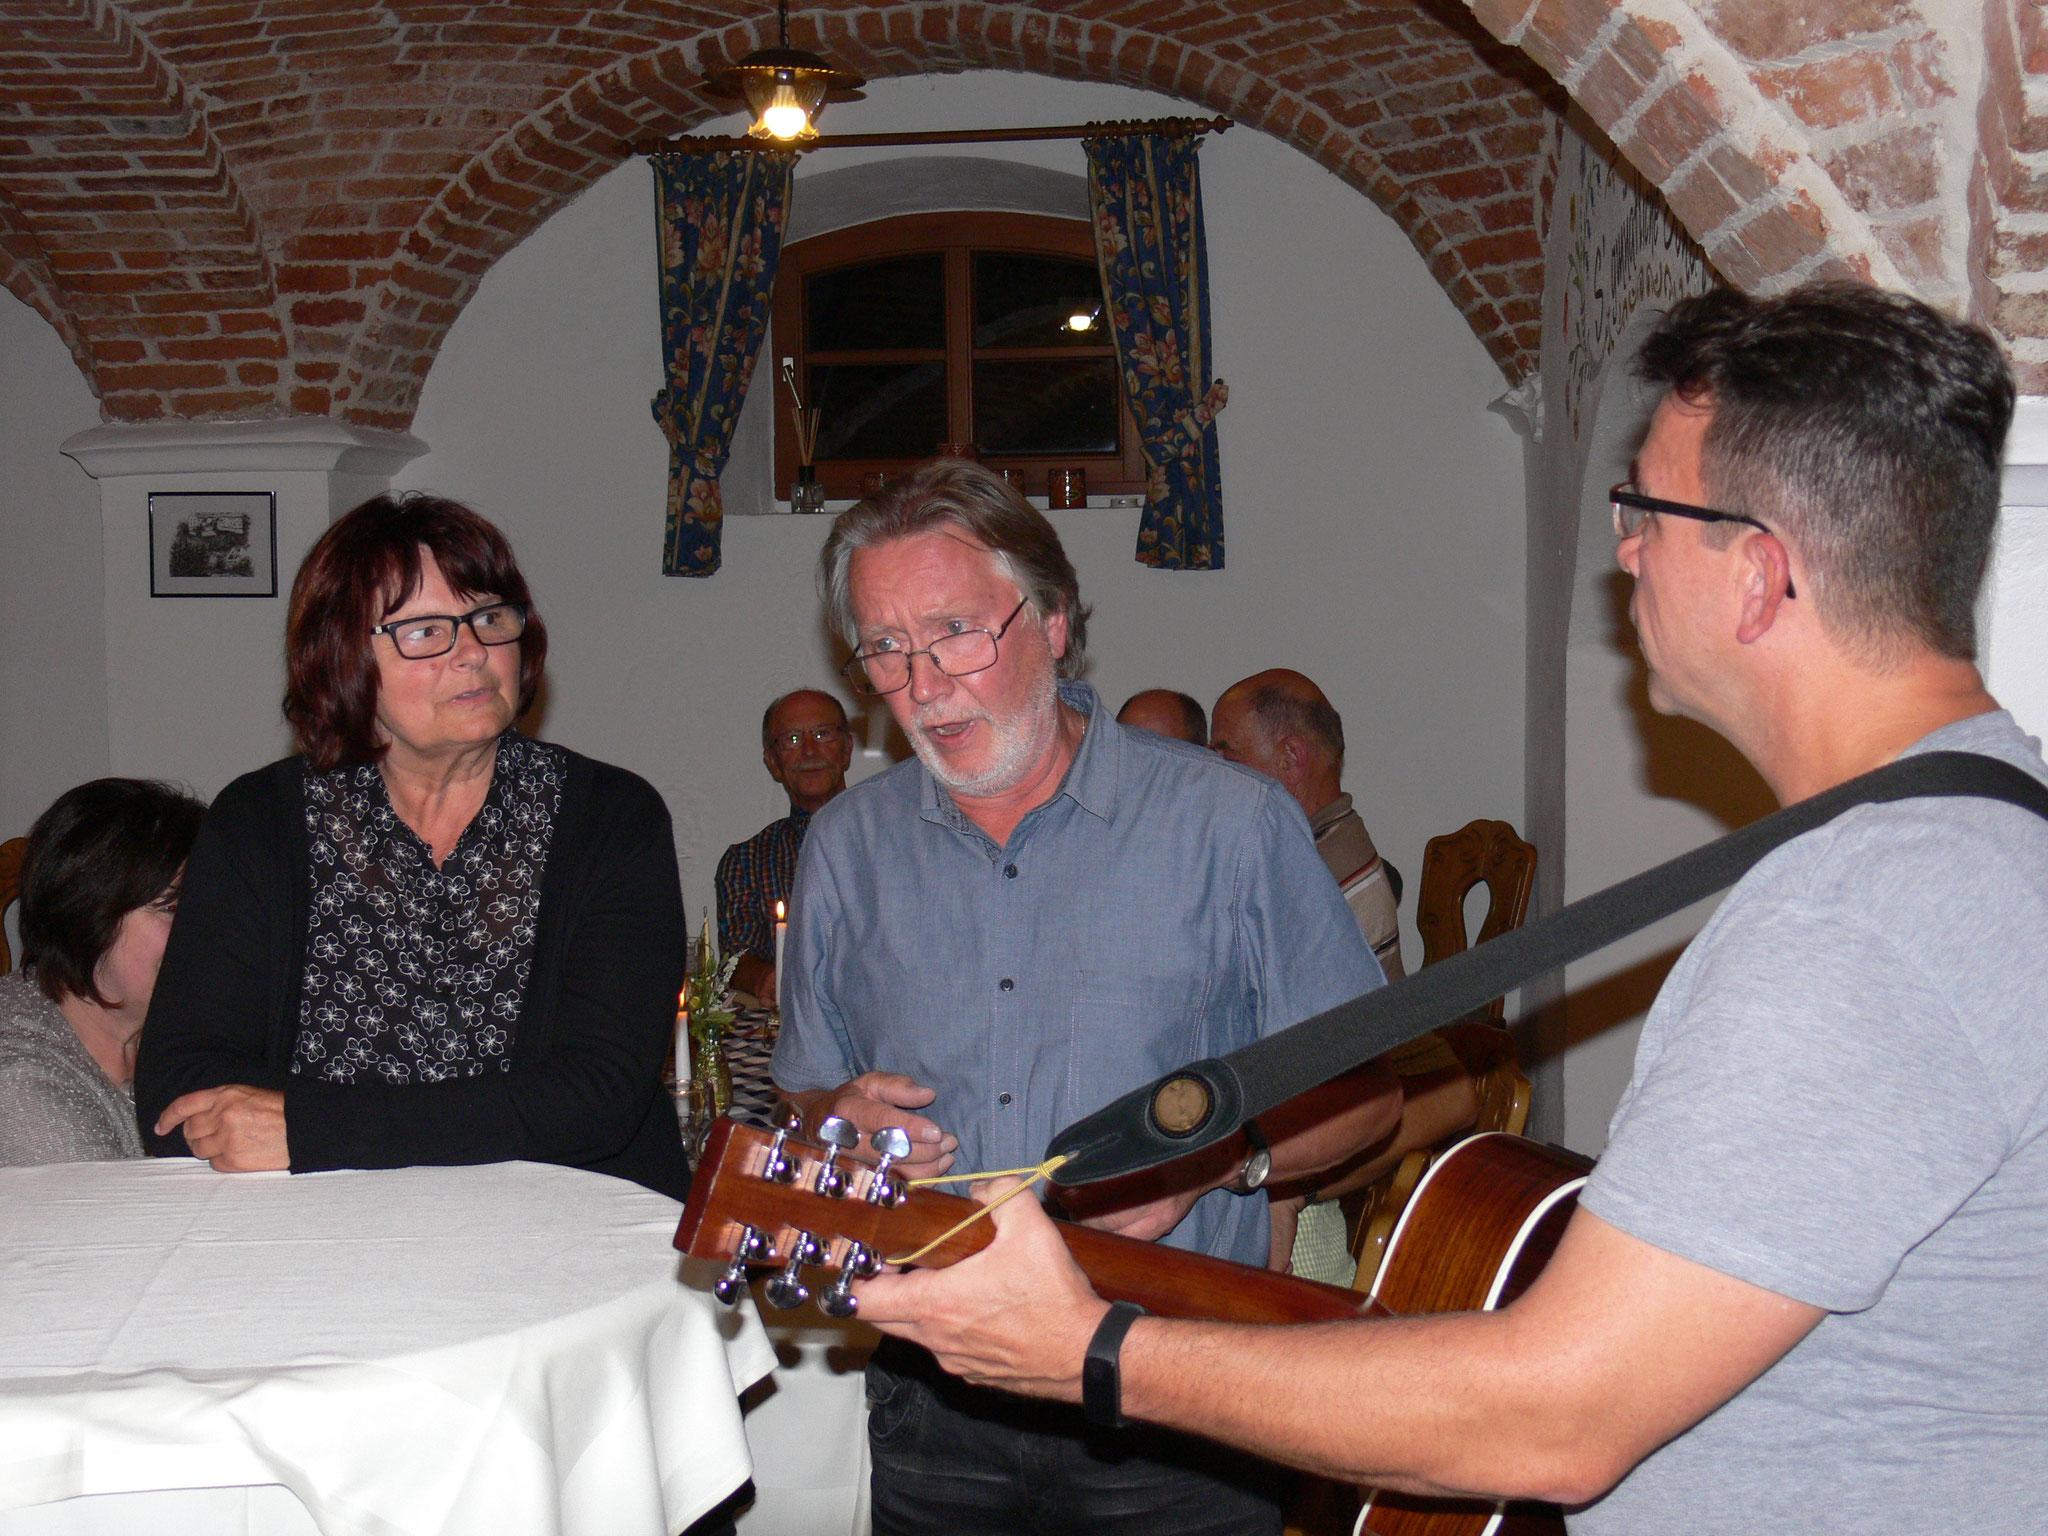 Darf auf keiner MGV - Fete fehlen: Das Burgenländische Volkslied vom unglücklichen Franzl auf Brautsuche. Waltraud und Helmut bei der Aufführung.